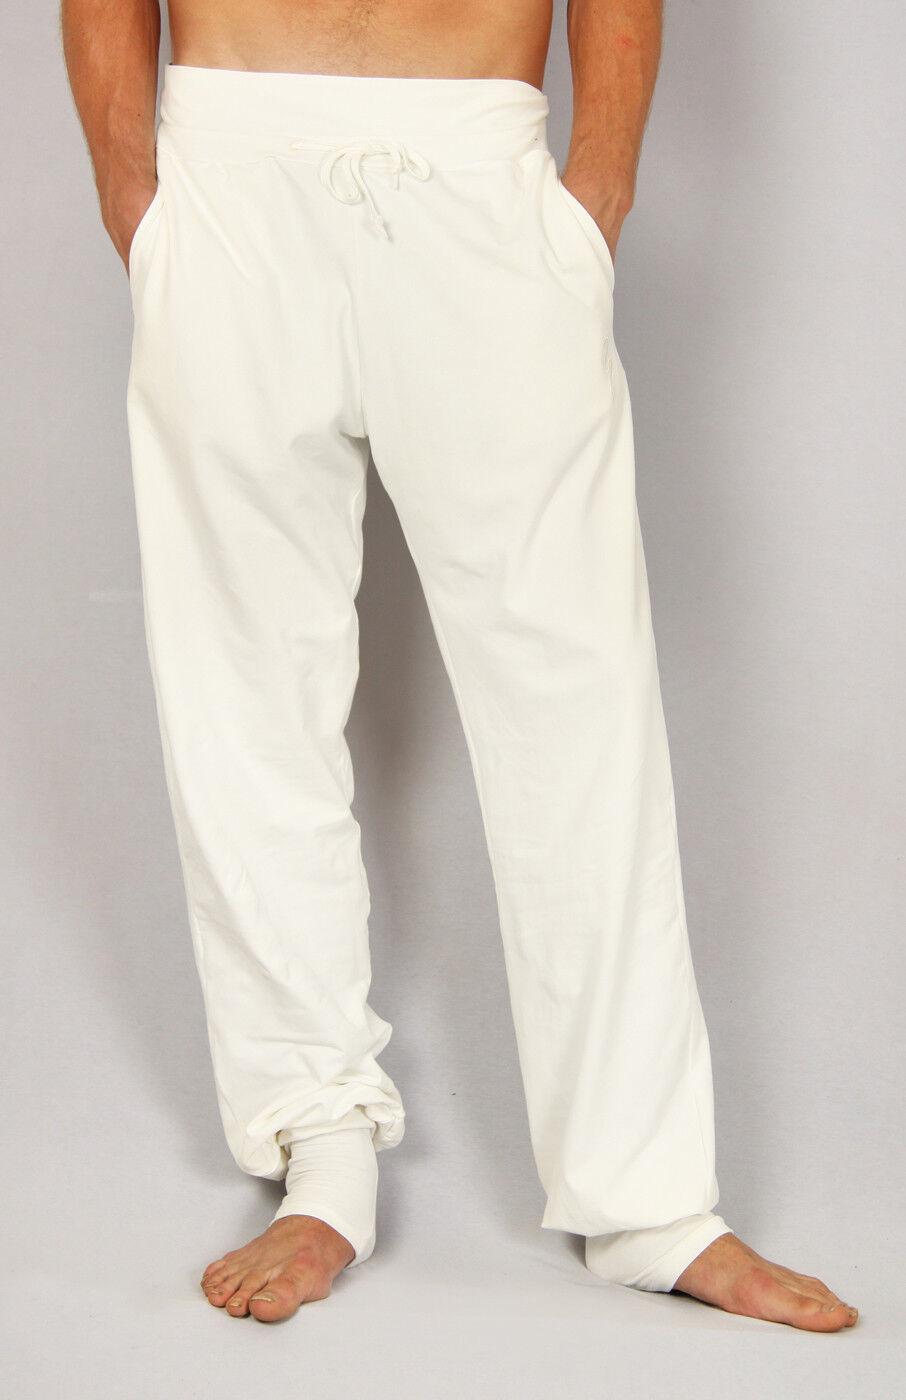 Yogahose  mahan  - Weiß Weiß von Breath Of Fire